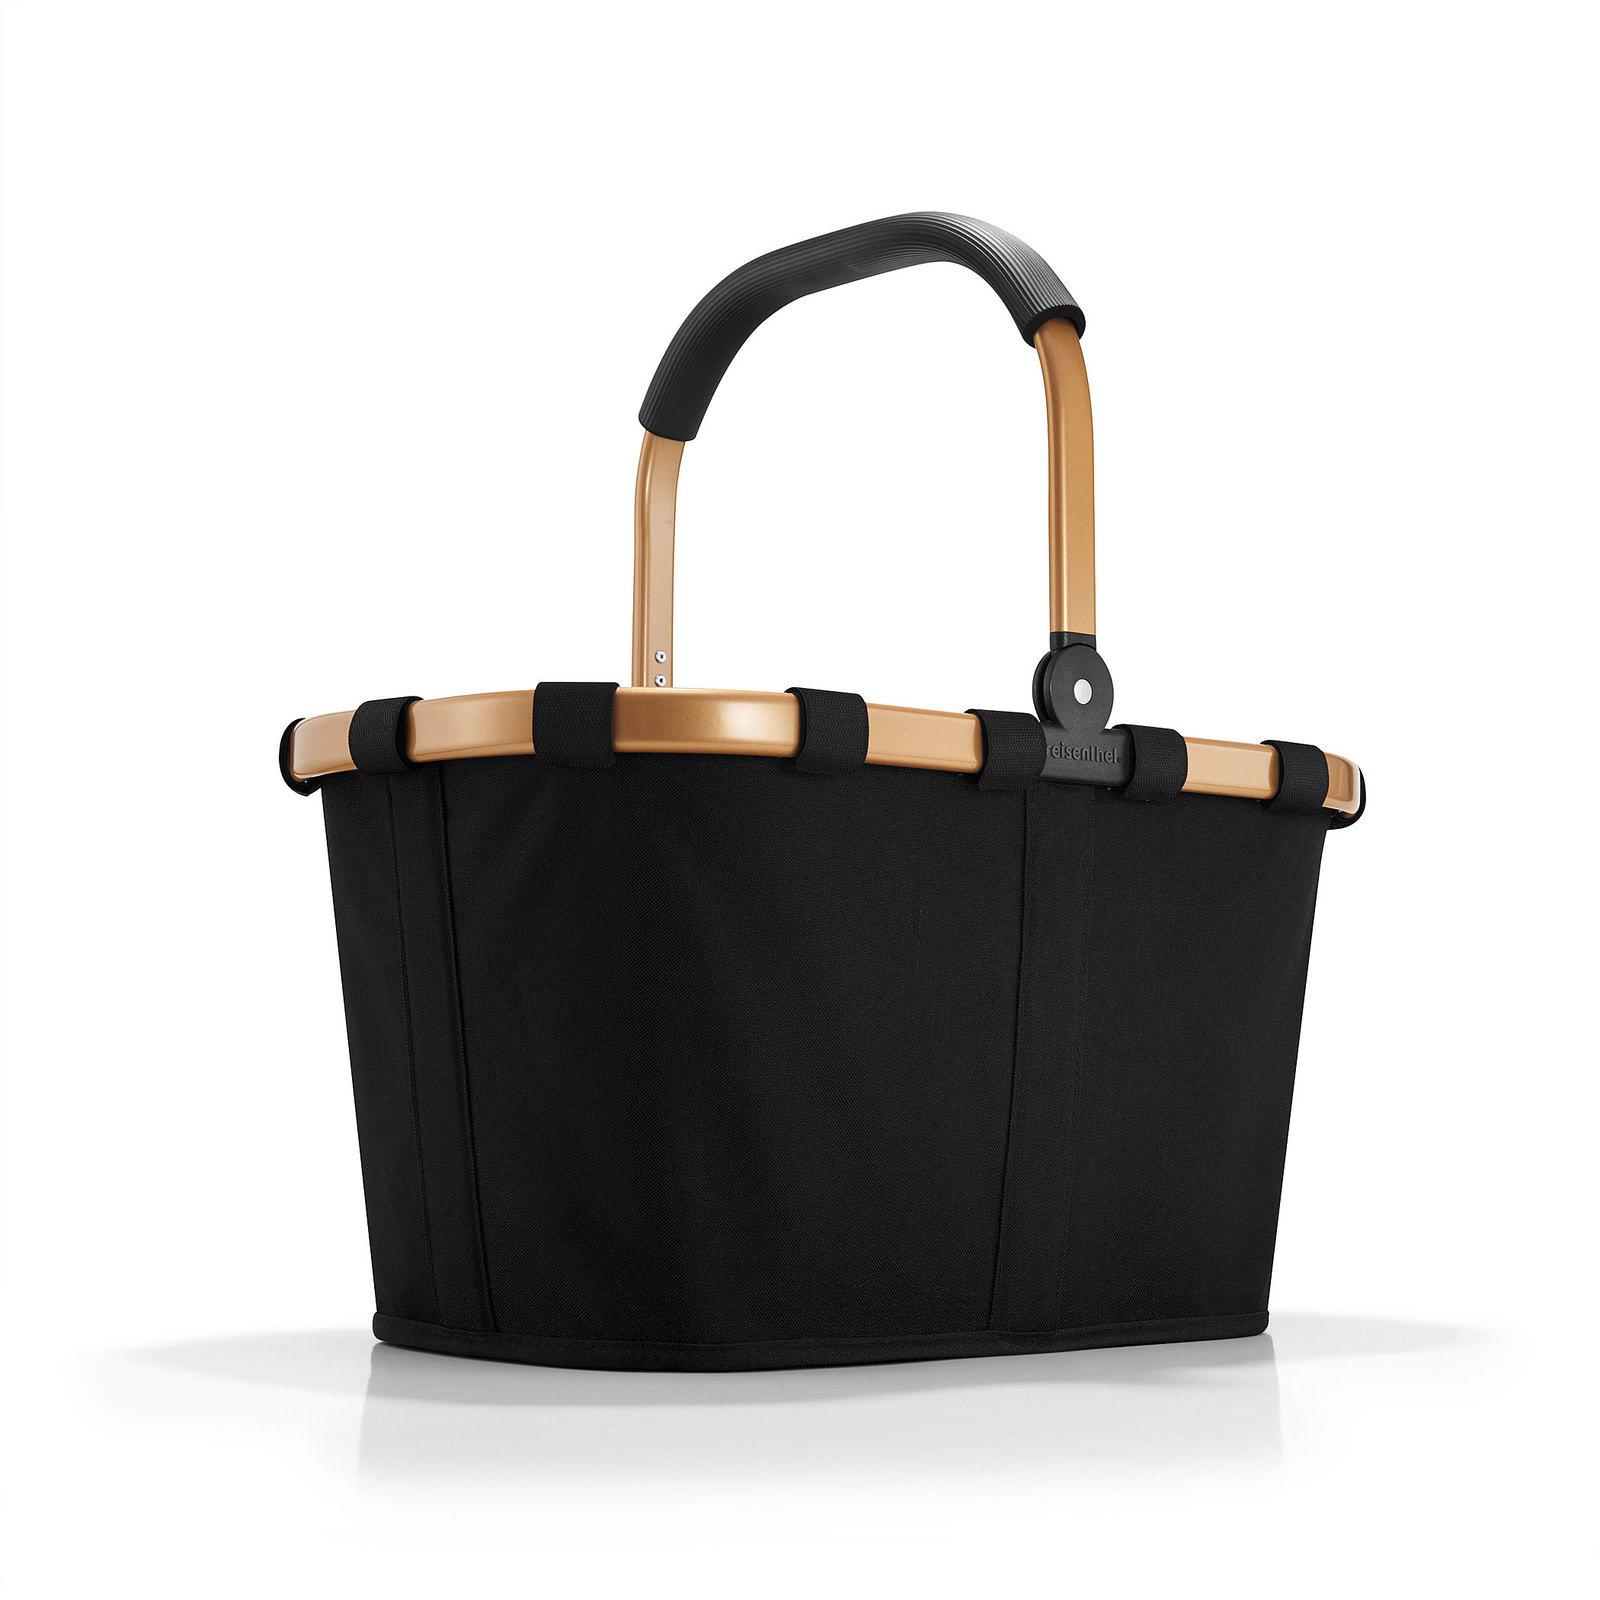 Reisenthel carrybag online entdecken | Schaffrath - Ihr Möbelhaus